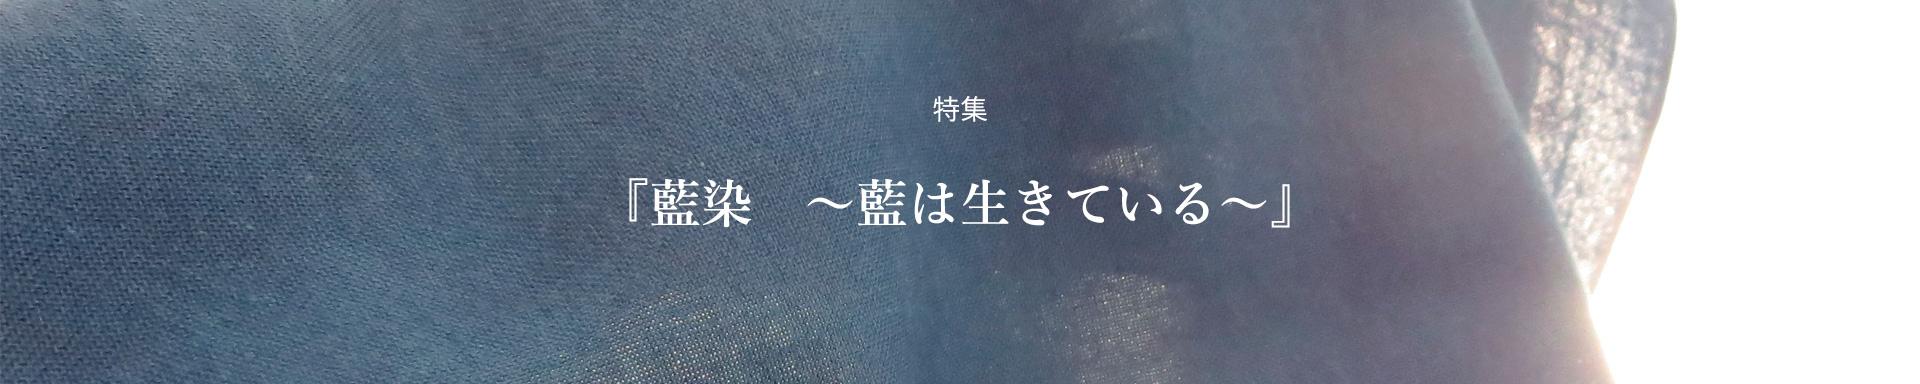 特集 藍染 ~藍は生きている~